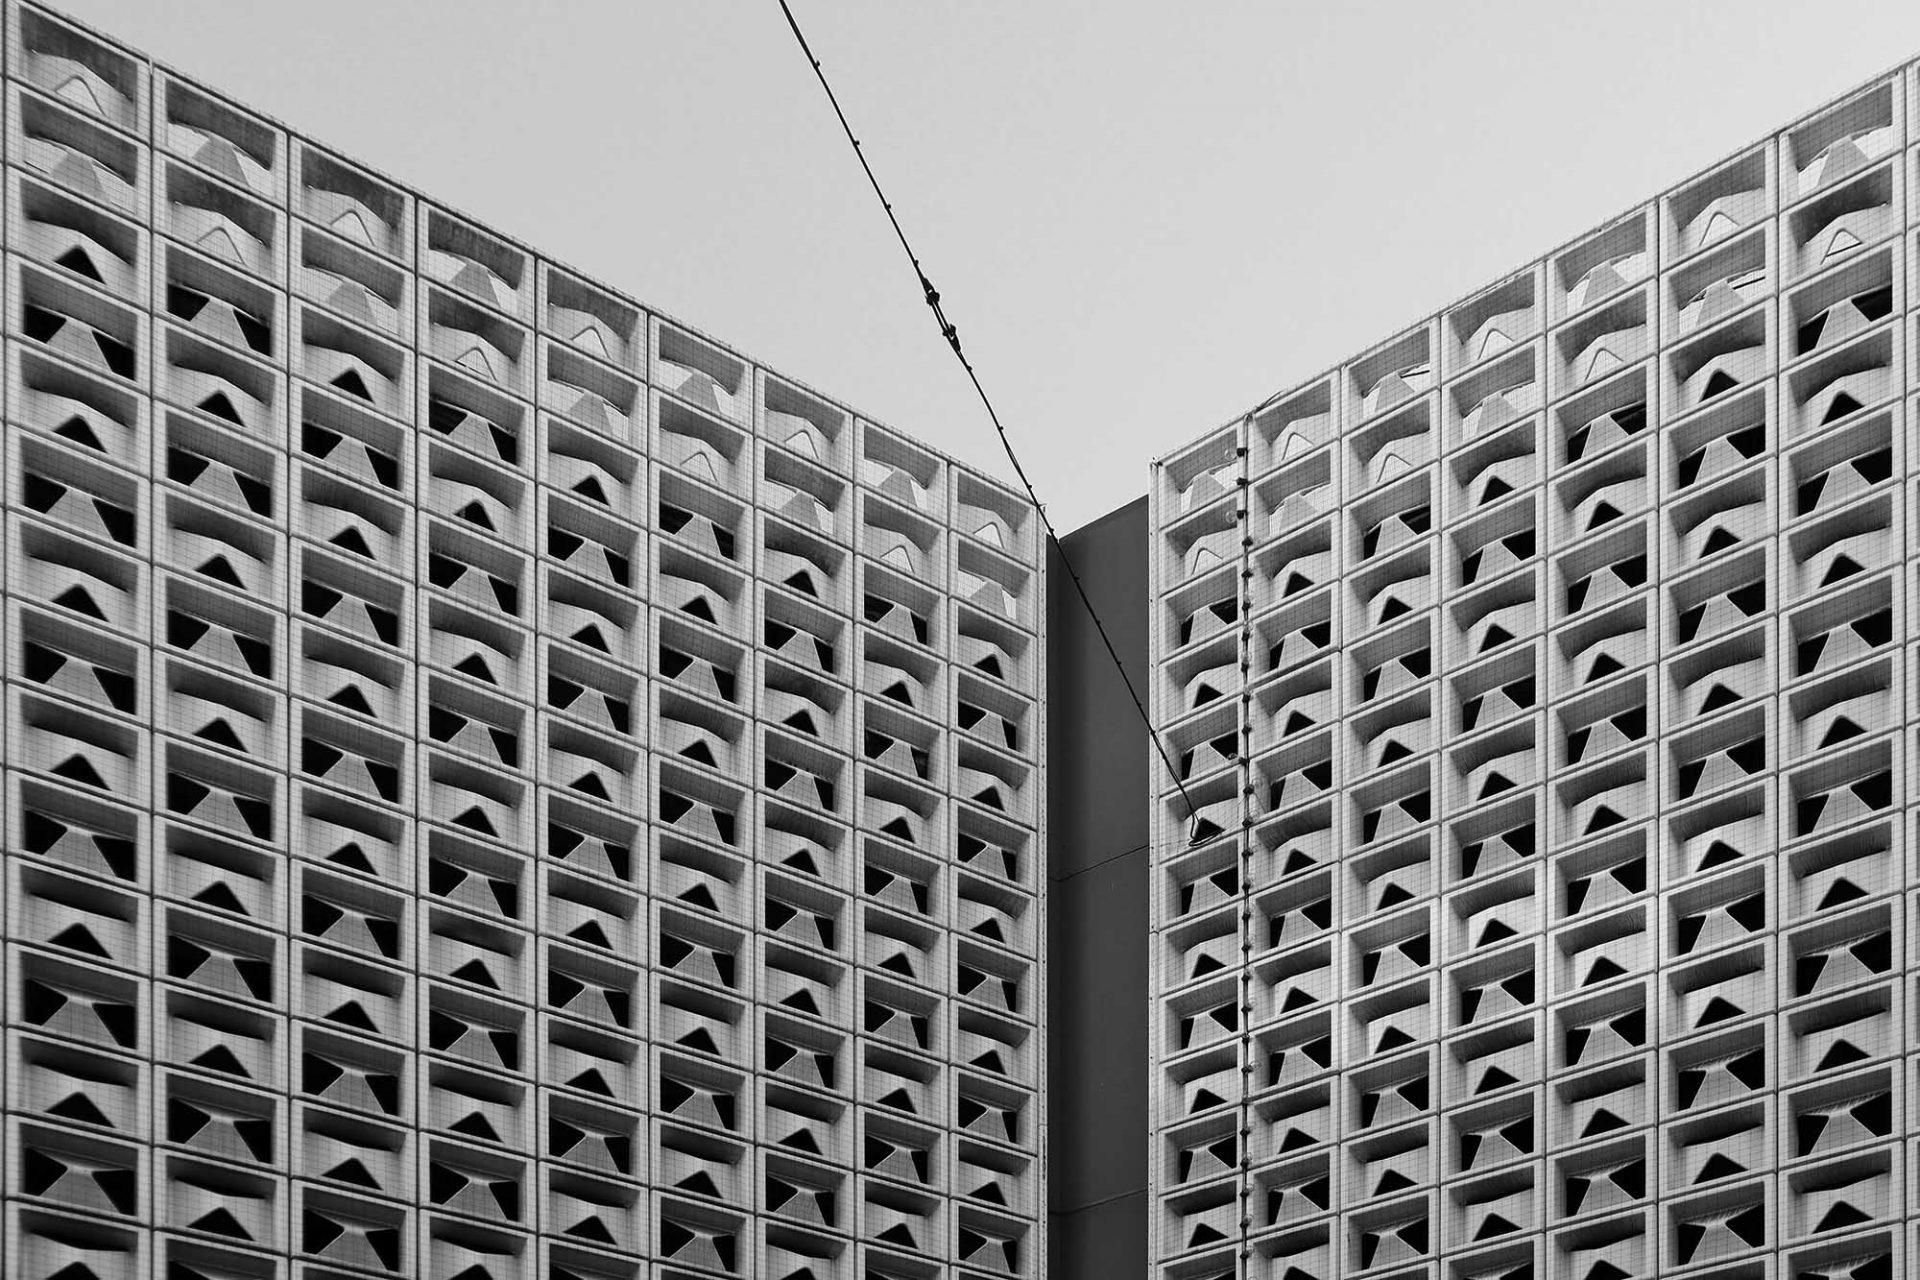 Ehemaliges Kaufhaus Horten. Entwurf: Egon Eiermann. Fertigstellung: 1972.